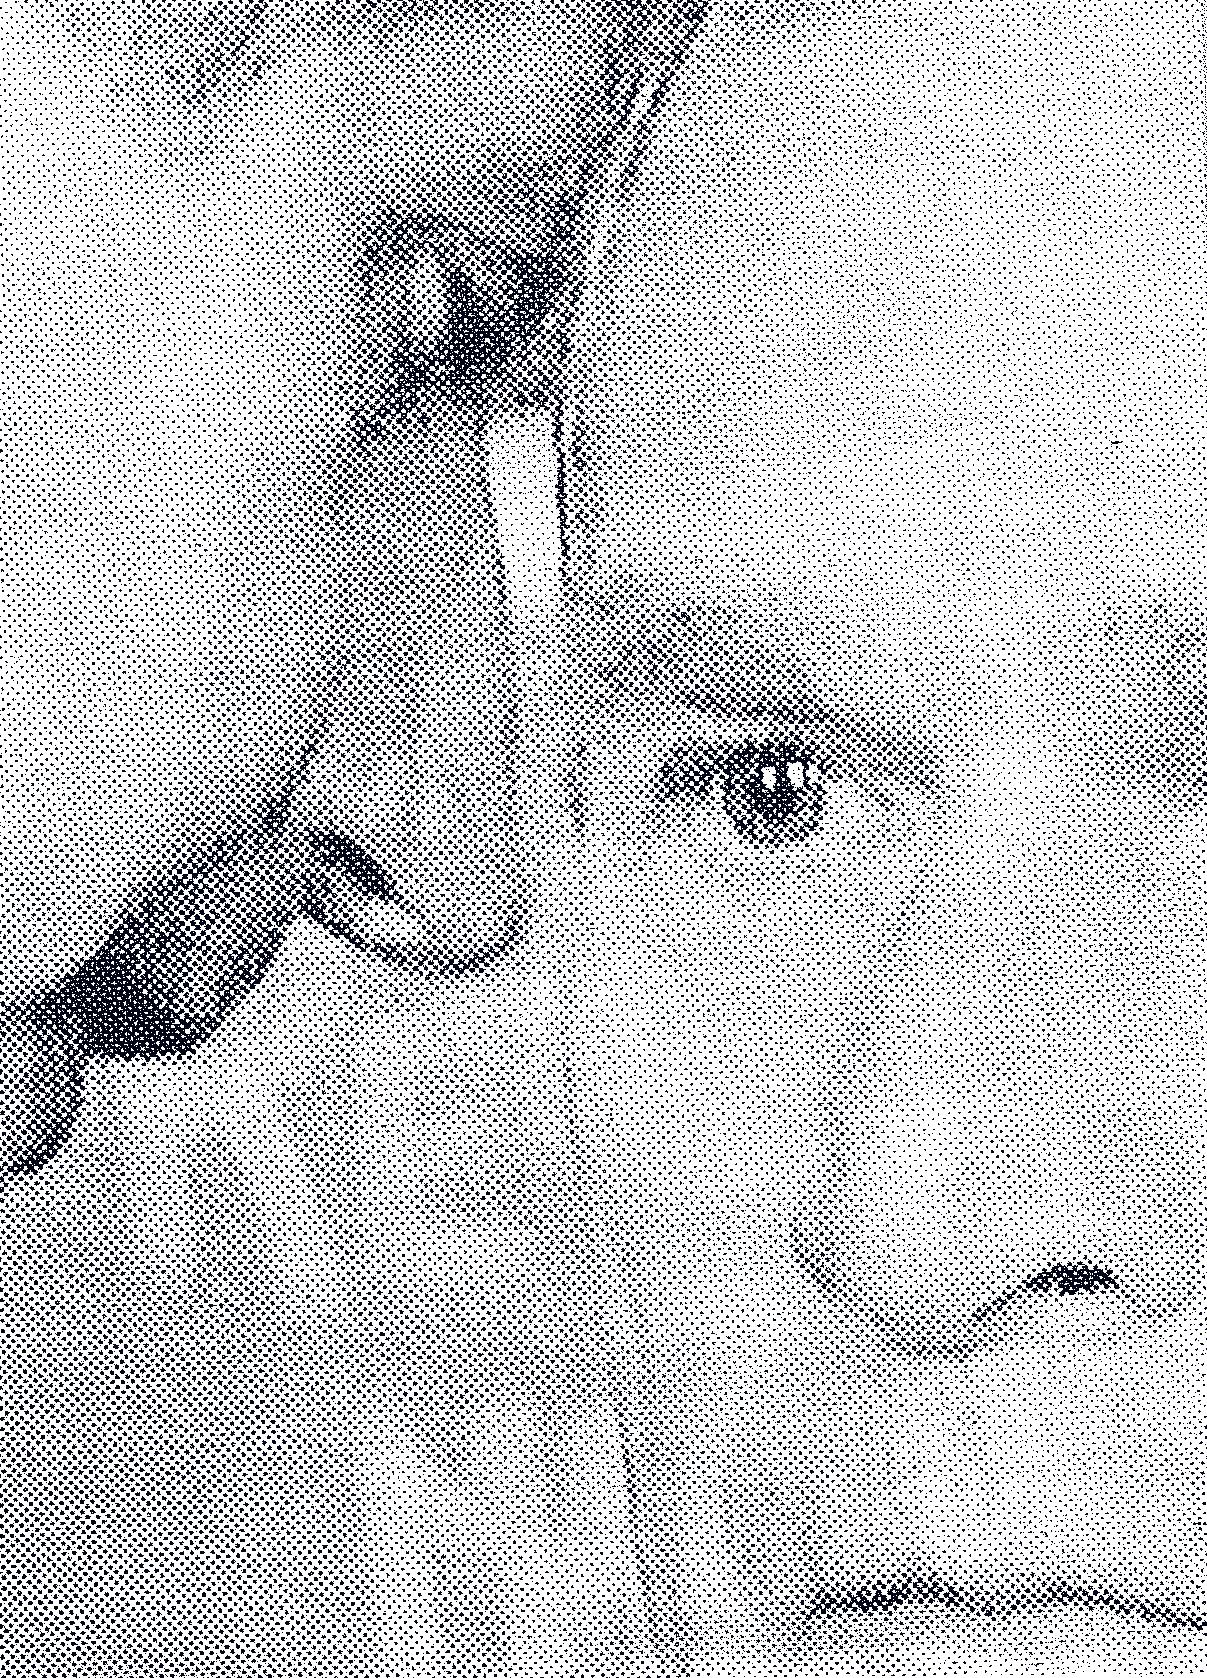 george duo.jpg